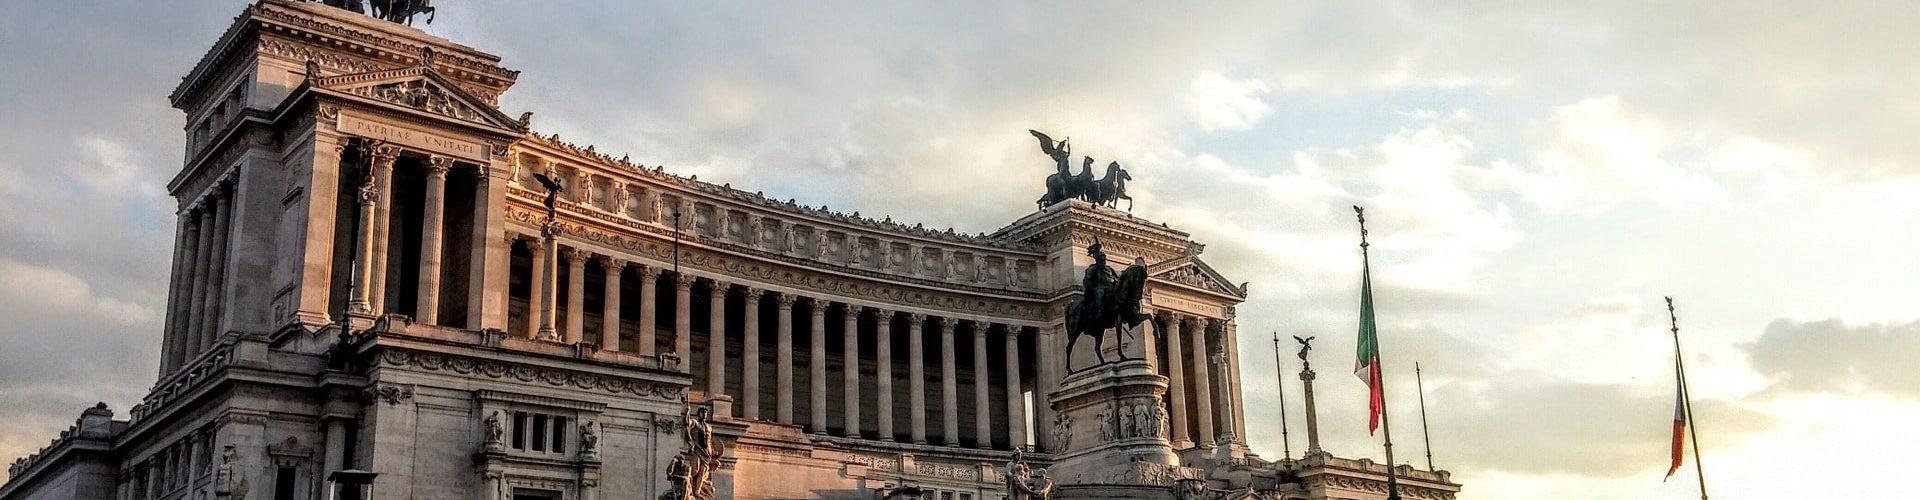 Roma - Capitale della Repubblica Italiana